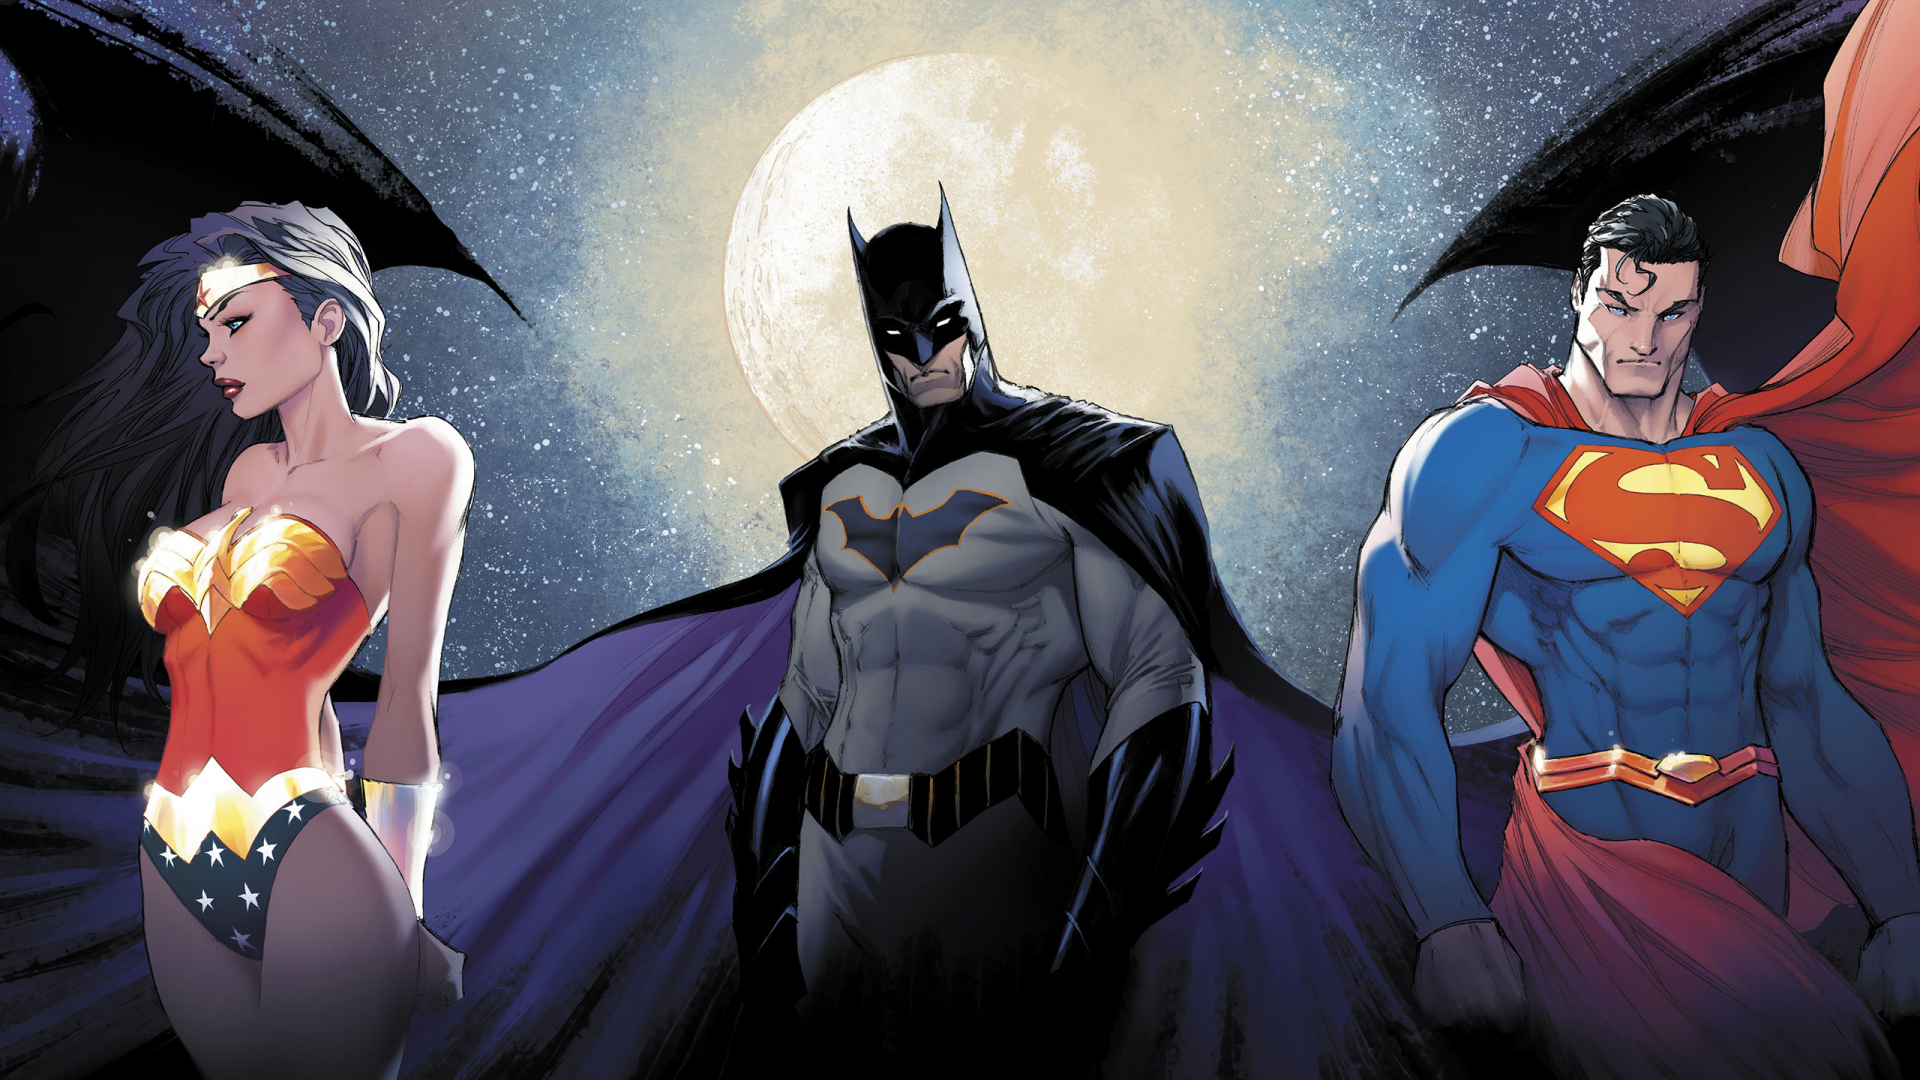 Download 1920x1080 Wallpaper Justice League Batman Superman